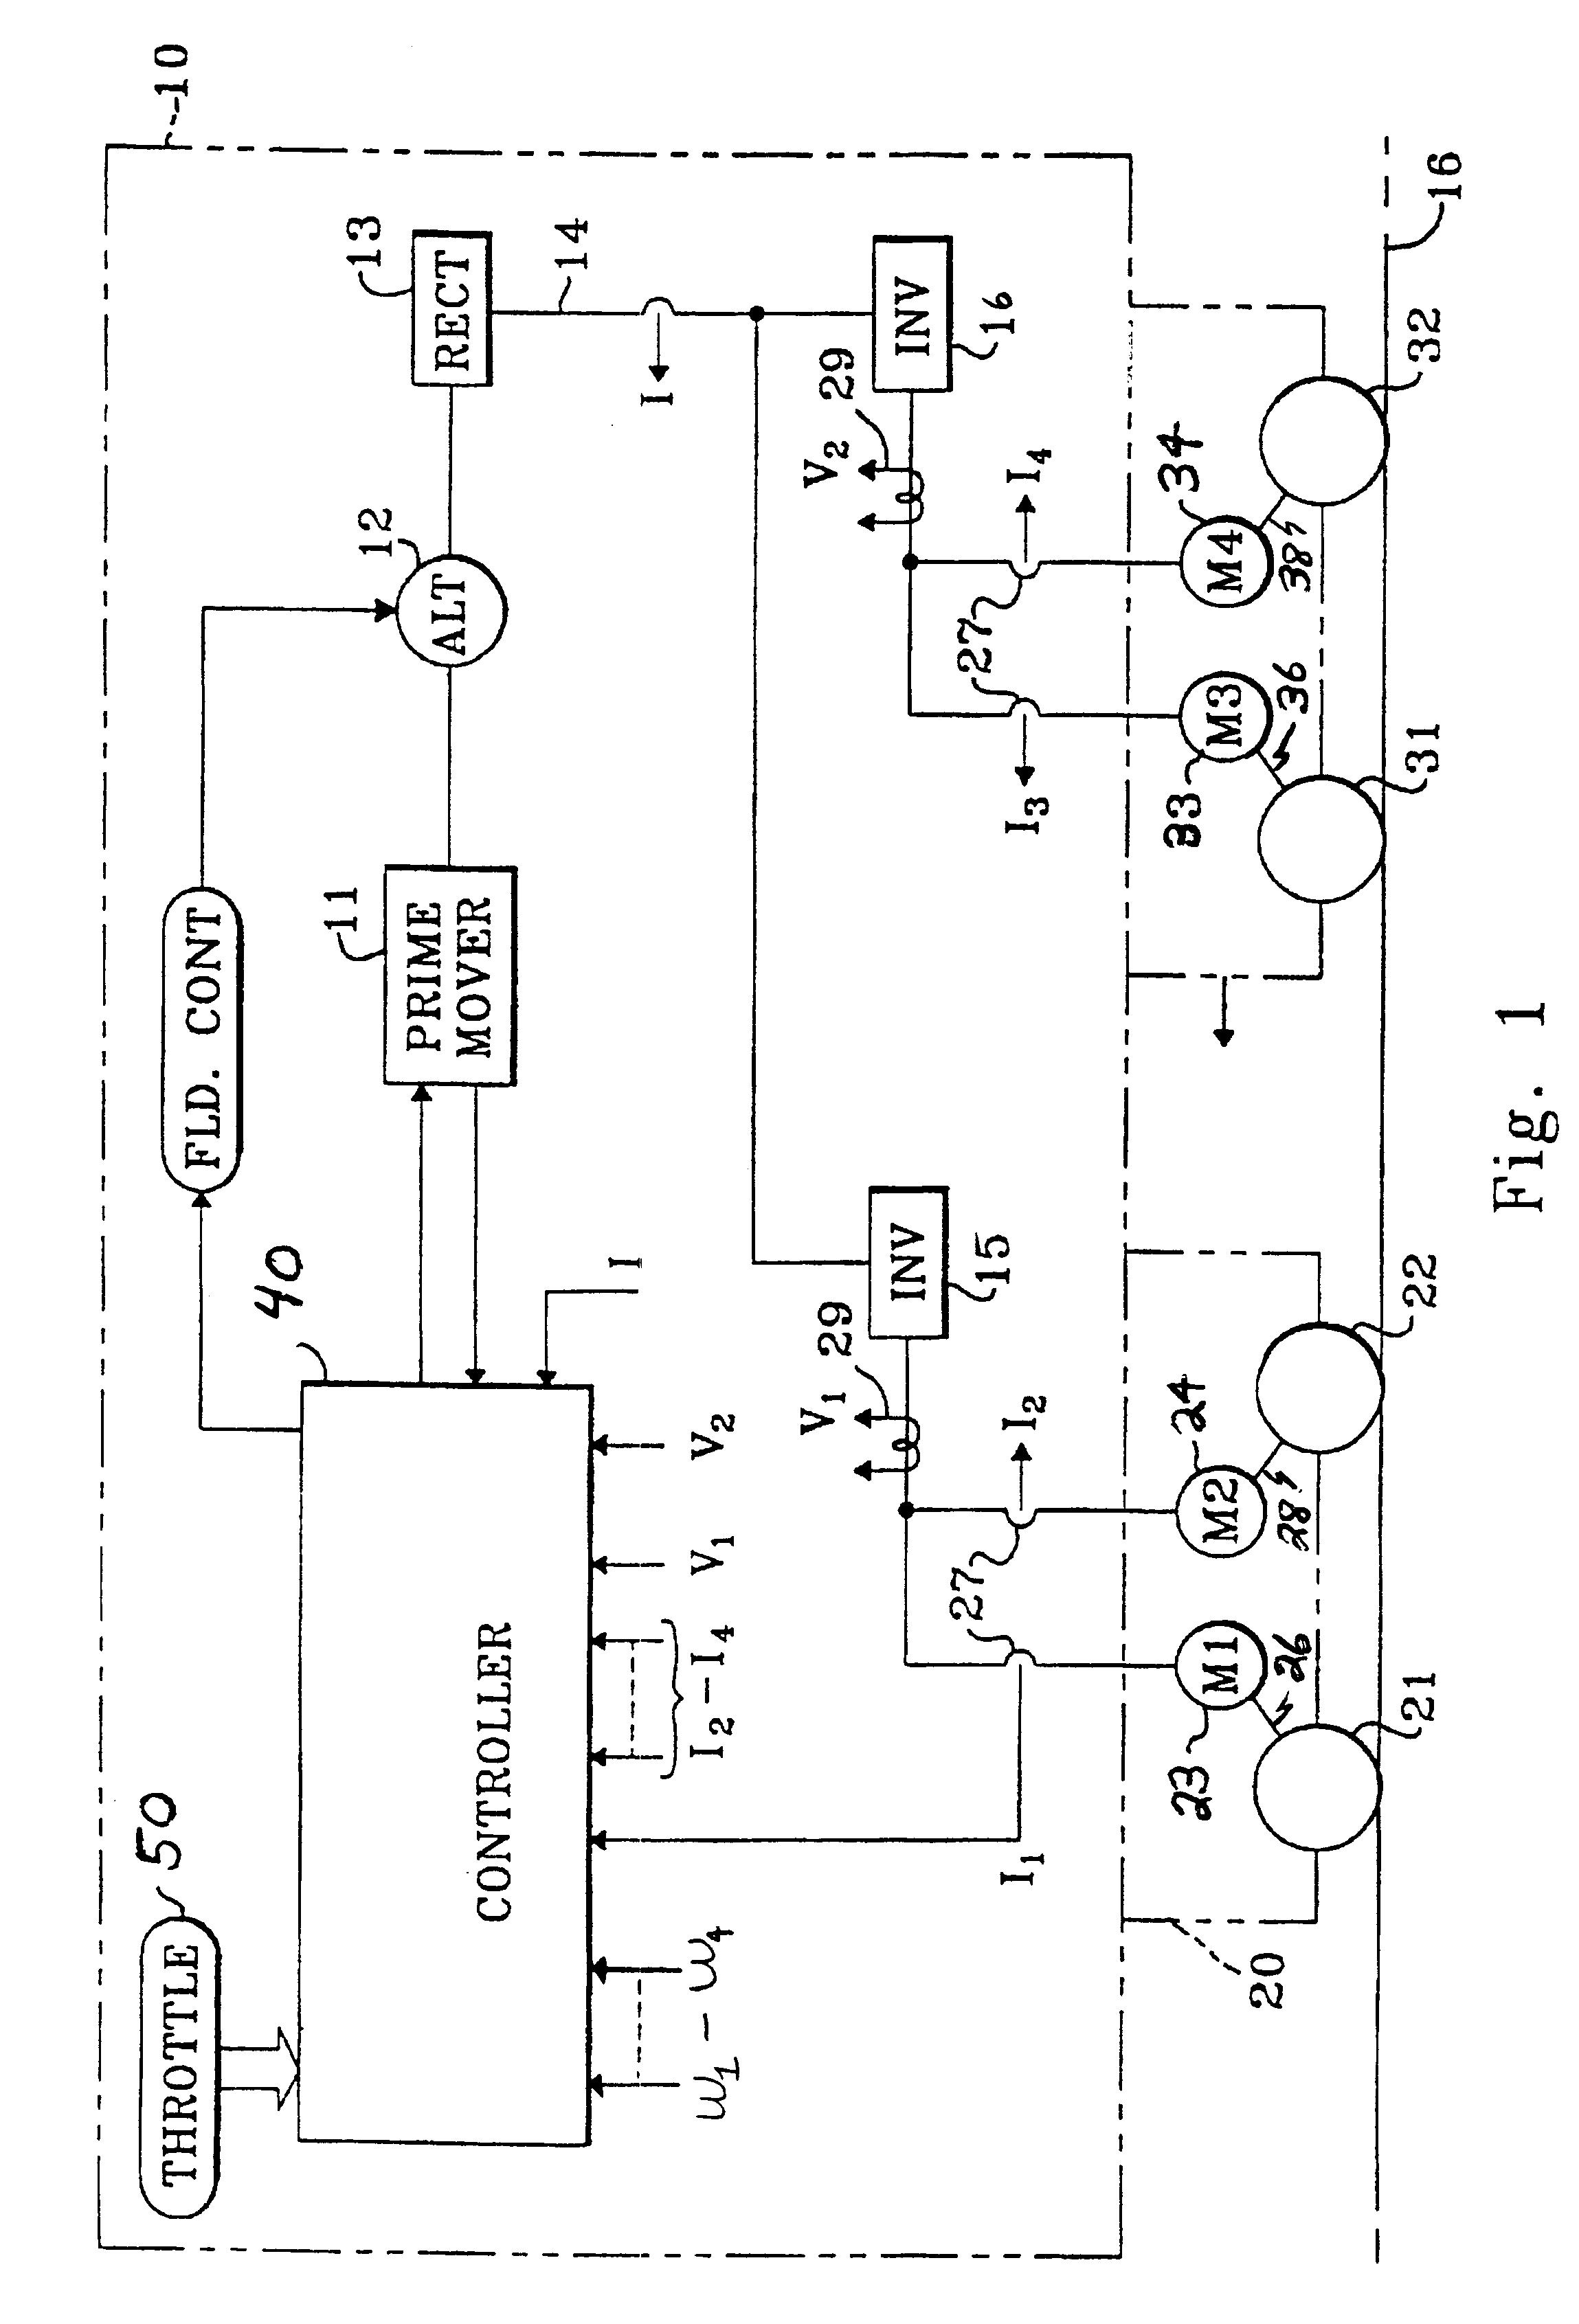 patent us6456908